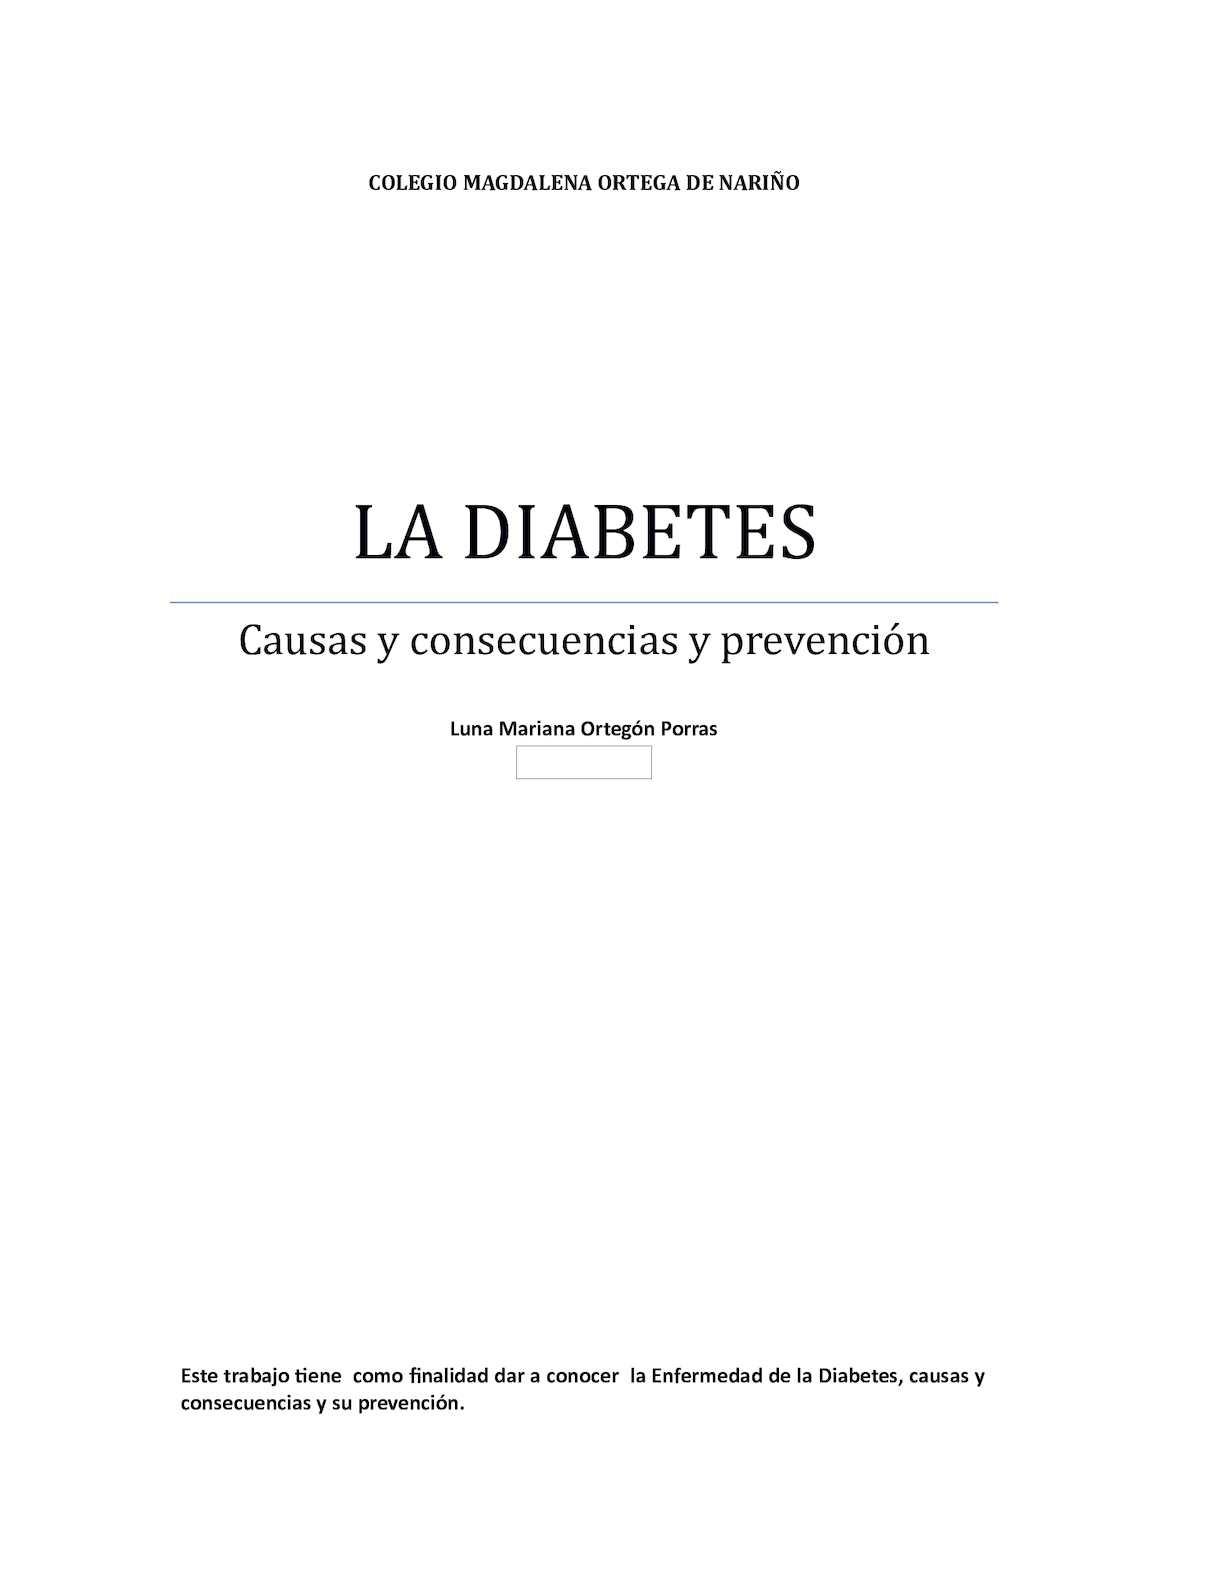 la diabetes causas consecuencias y prevención y